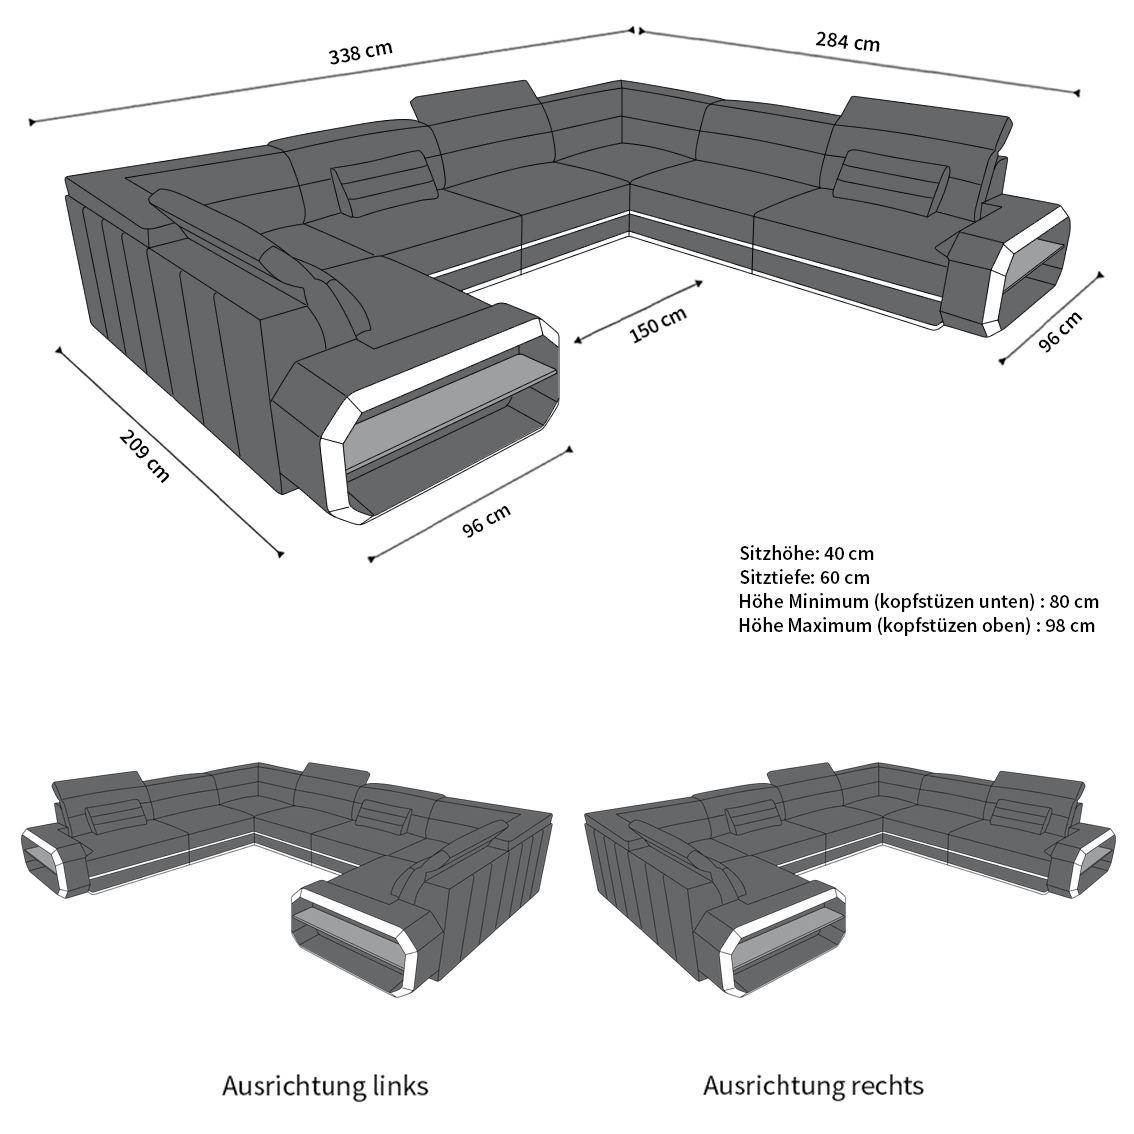 Full Size of Sofabezug U Form Wohnlandschaft Sofa Couch Schlaffunktion Ecksofa Verona In L Mit Abnehmbaren Bezug Dusche Kaufen Bett 180x200 Komplett Lattenrost Und Matratze Wohnzimmer Sofabezug U Form